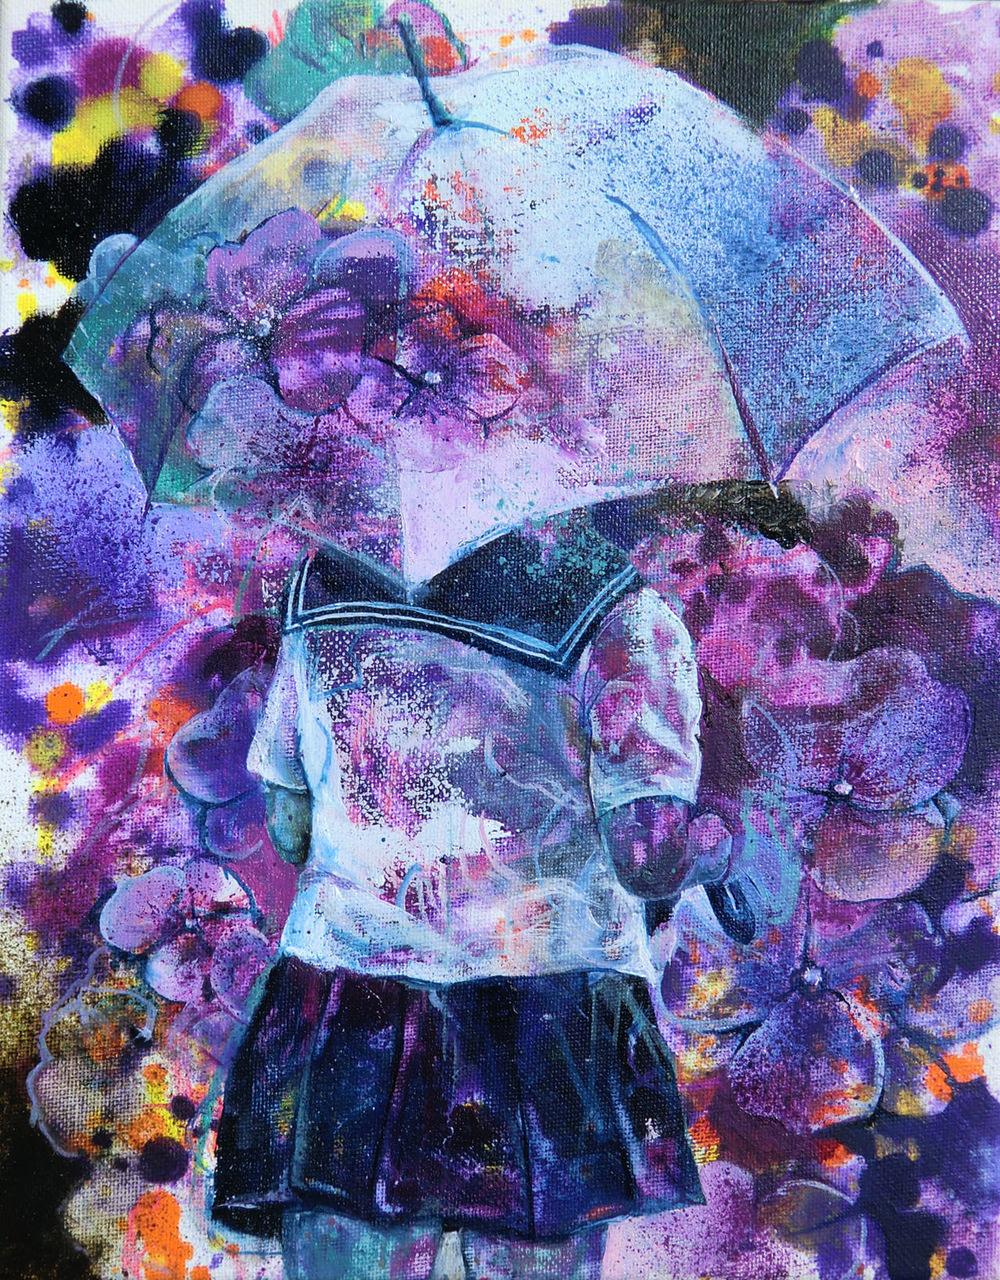 Manami Takamatsu - Ich liebe die Liebe.  2015, Ölfarbe auf Leinwand, 30×24cm